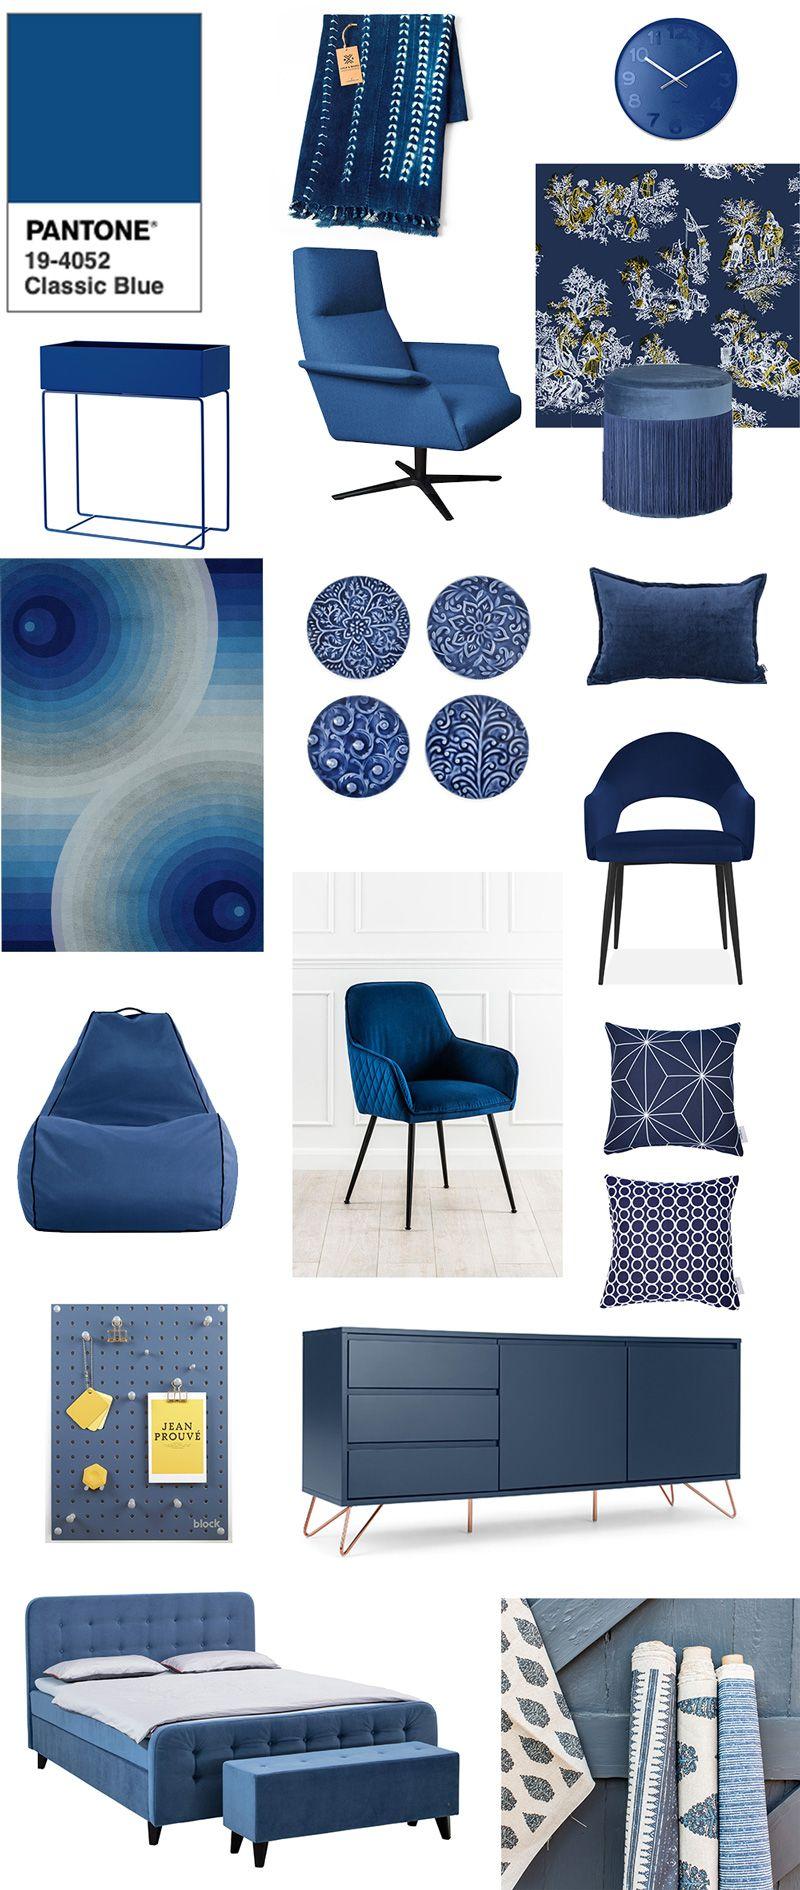 Si chiama Classic Blue ed è il colore che l'Istituto Pantone ha scelto per il 2020. Declinato in 5 palette di abbinamento con altri colori di tendenza, segna un ritorno al classico dopo i colori vivaci degli ultimi anni. #Pantone #ClassicBlue #colortrend2020 #2020 #colors #blue #moodboard #interiors